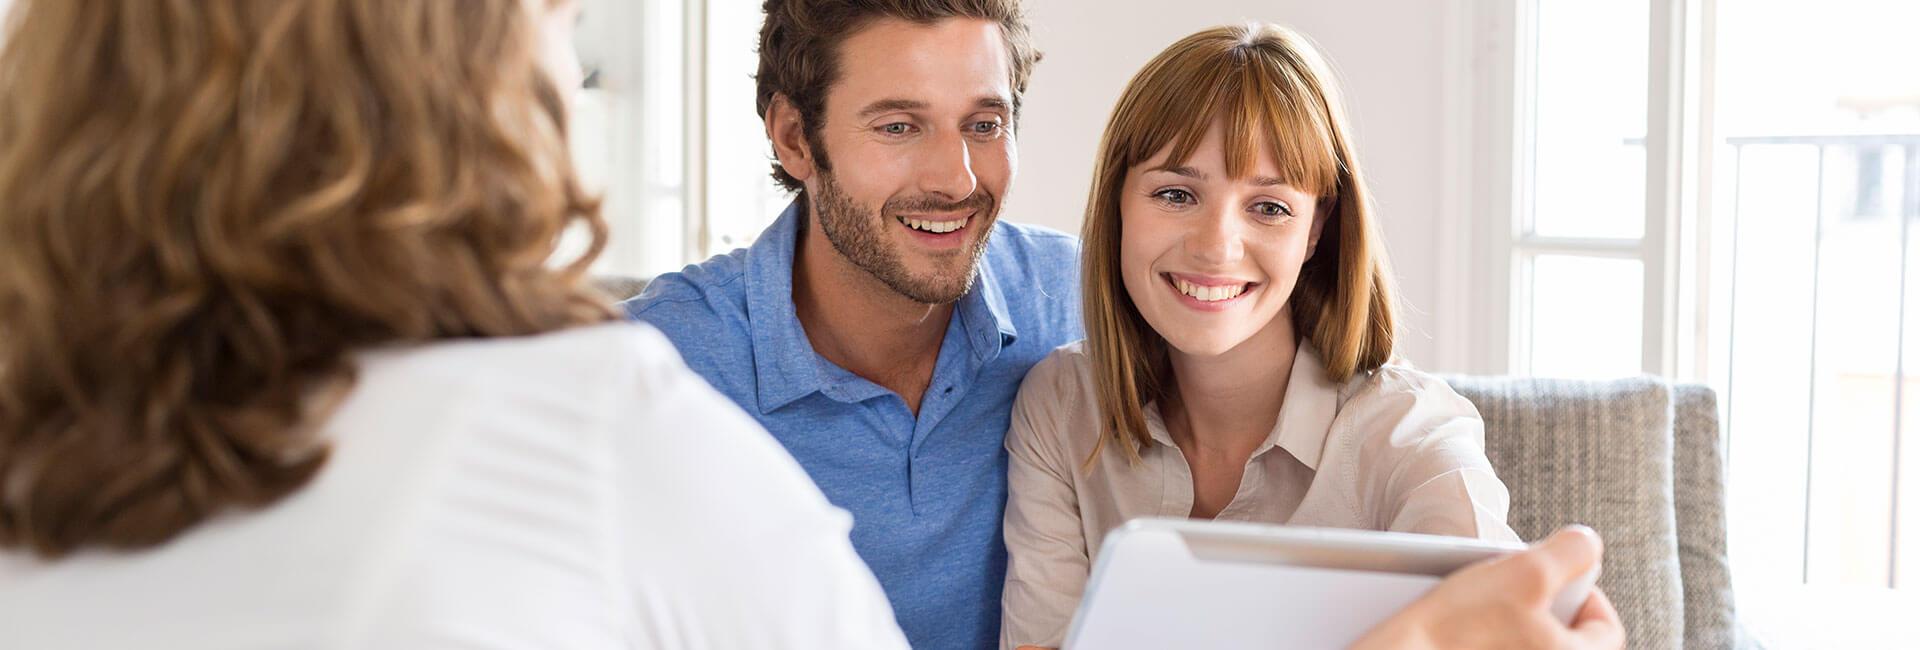 Günstiger Zahnersatz von ReDentes bringt ein Paar im Gespräch mit der Zahnärztin zum lächeln